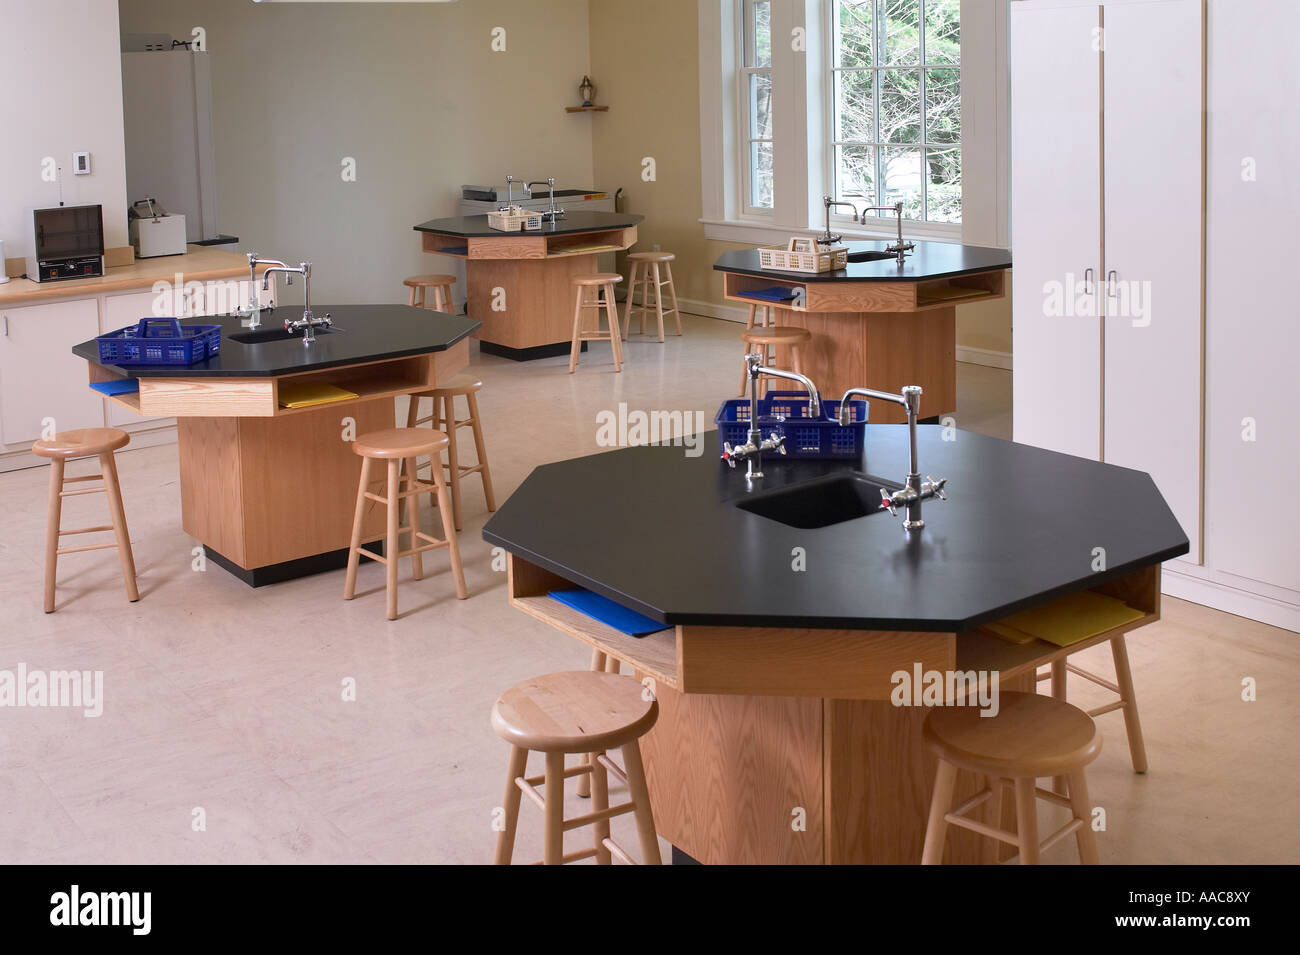 High School Wissenschaft Chemie Labor leer Labor Klassenzimmer mit Arbeitsplätzen, Philadelphia, PA USA Stockbild